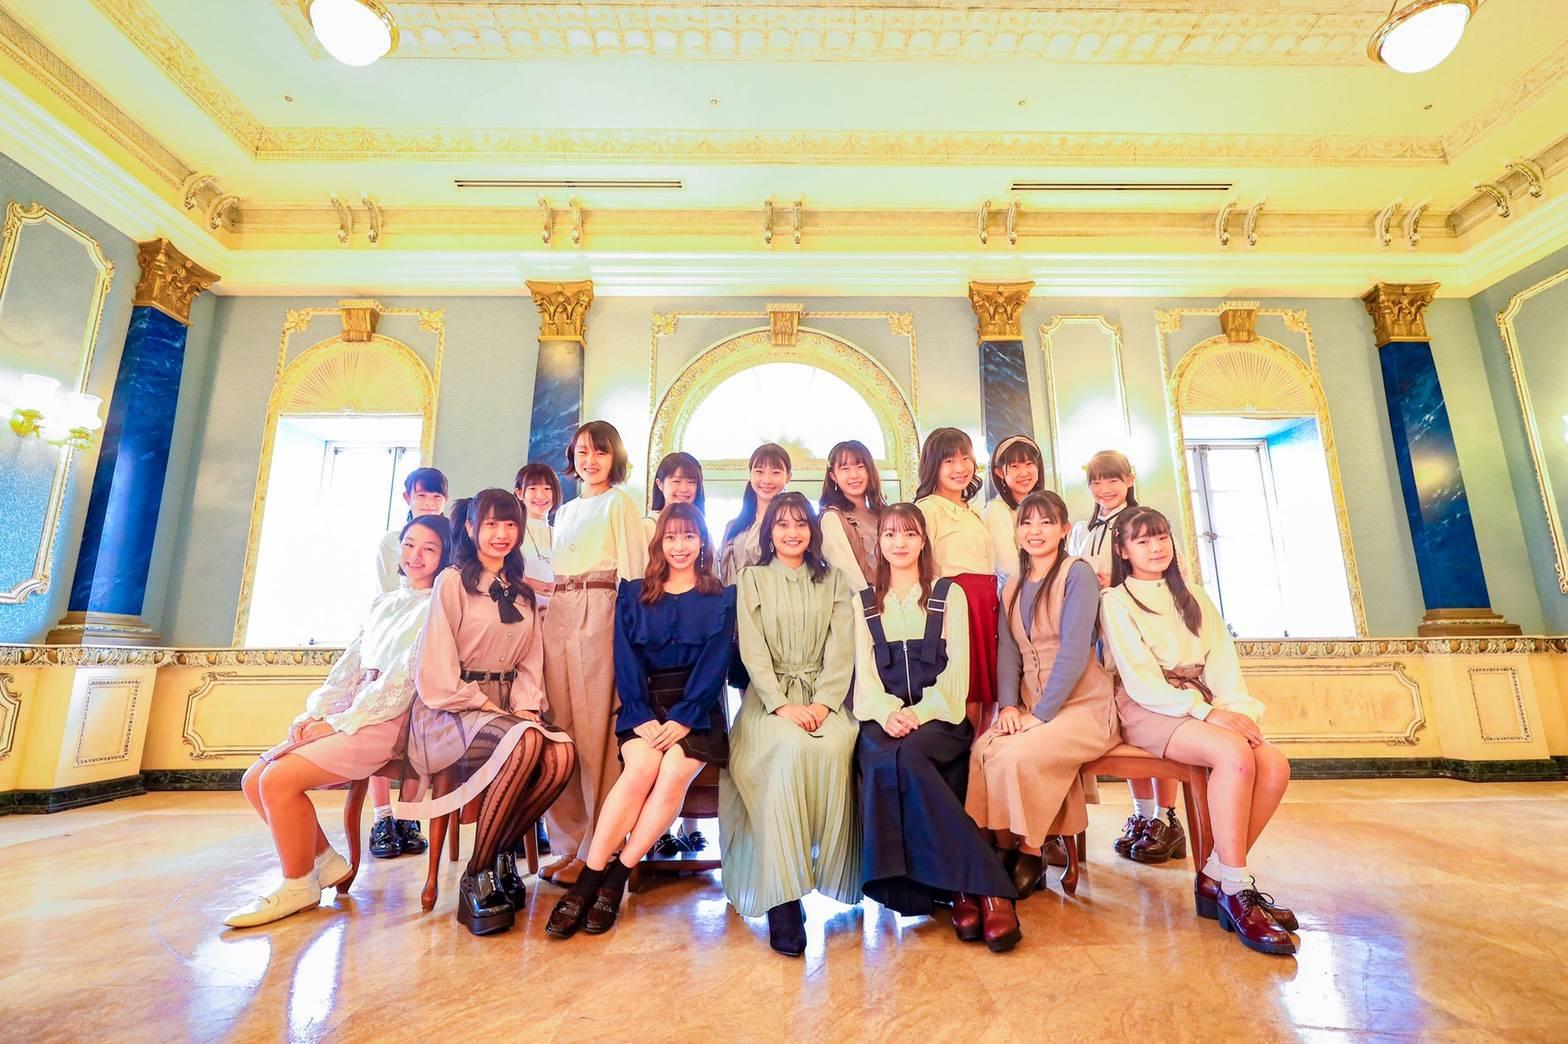 【特別編】Fun×Fam 2ndアルバム『Start LineⅡ~スタートライン2~』発売記念 堀内プロデューサーが語るFun×Famの今